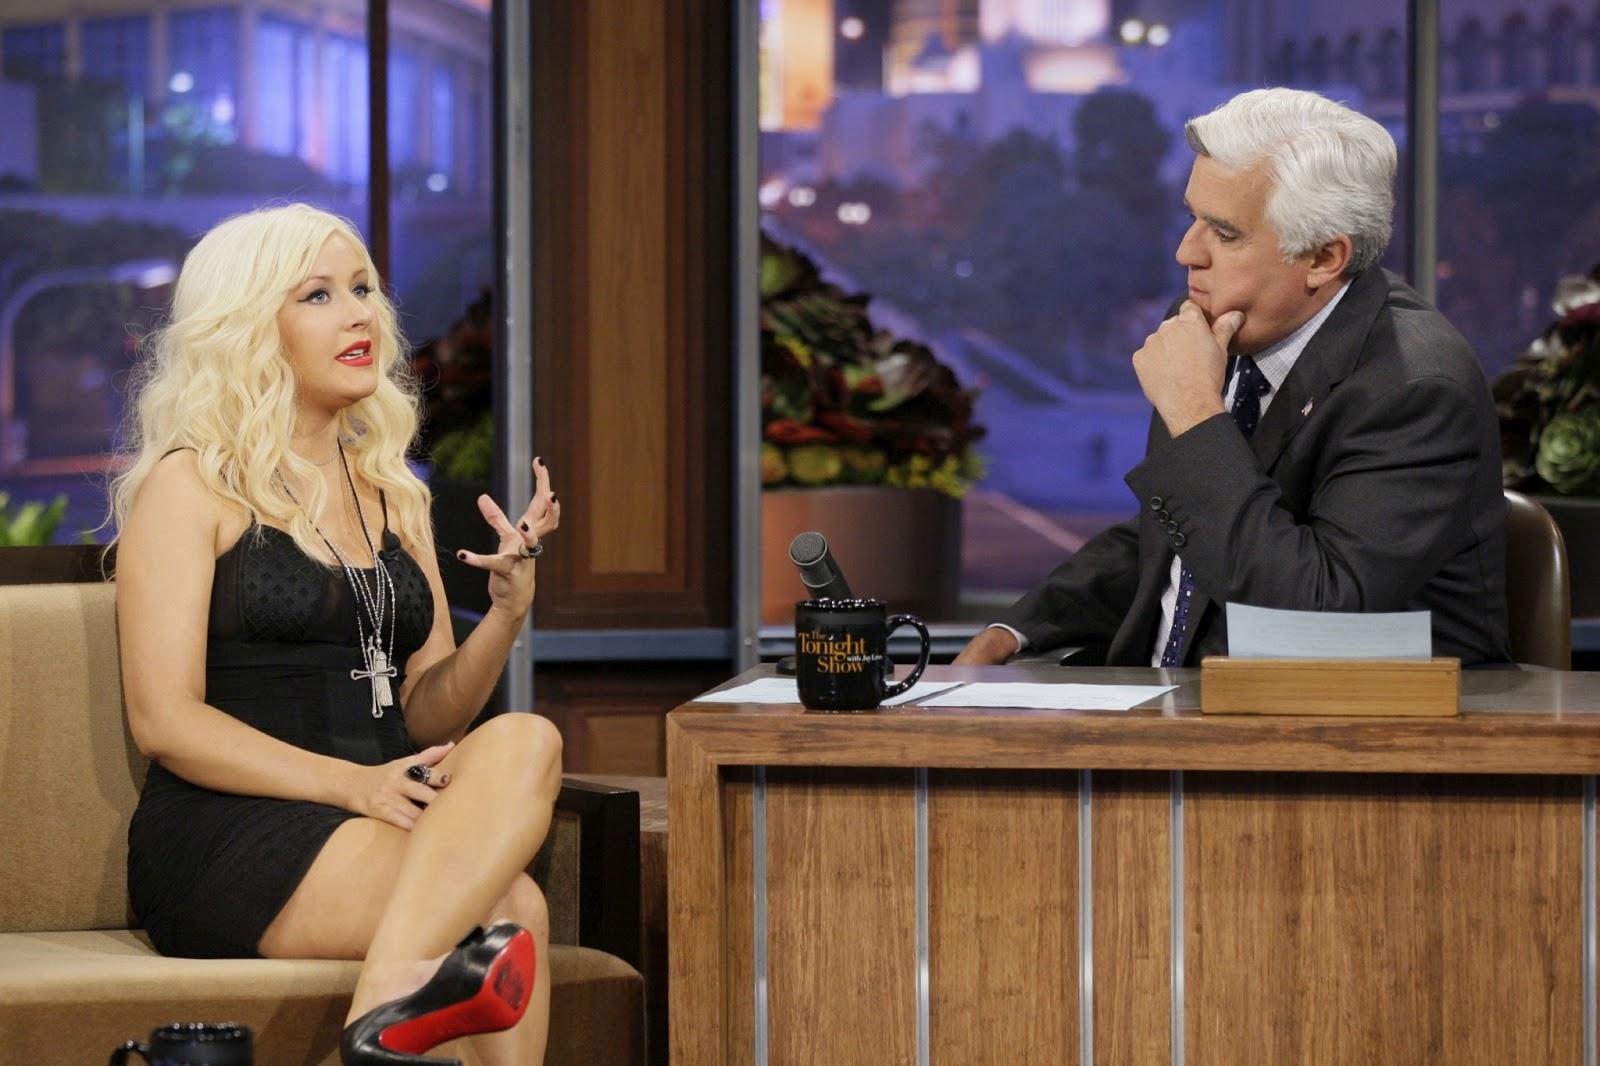 http://1.bp.blogspot.com/-b2E8JRHPEdw/UTJWDZeRhlI/AAAAAAAA1uE/A3GOvTgTMkM/s1600/jay-leno-Christina-Aguilera.jpg